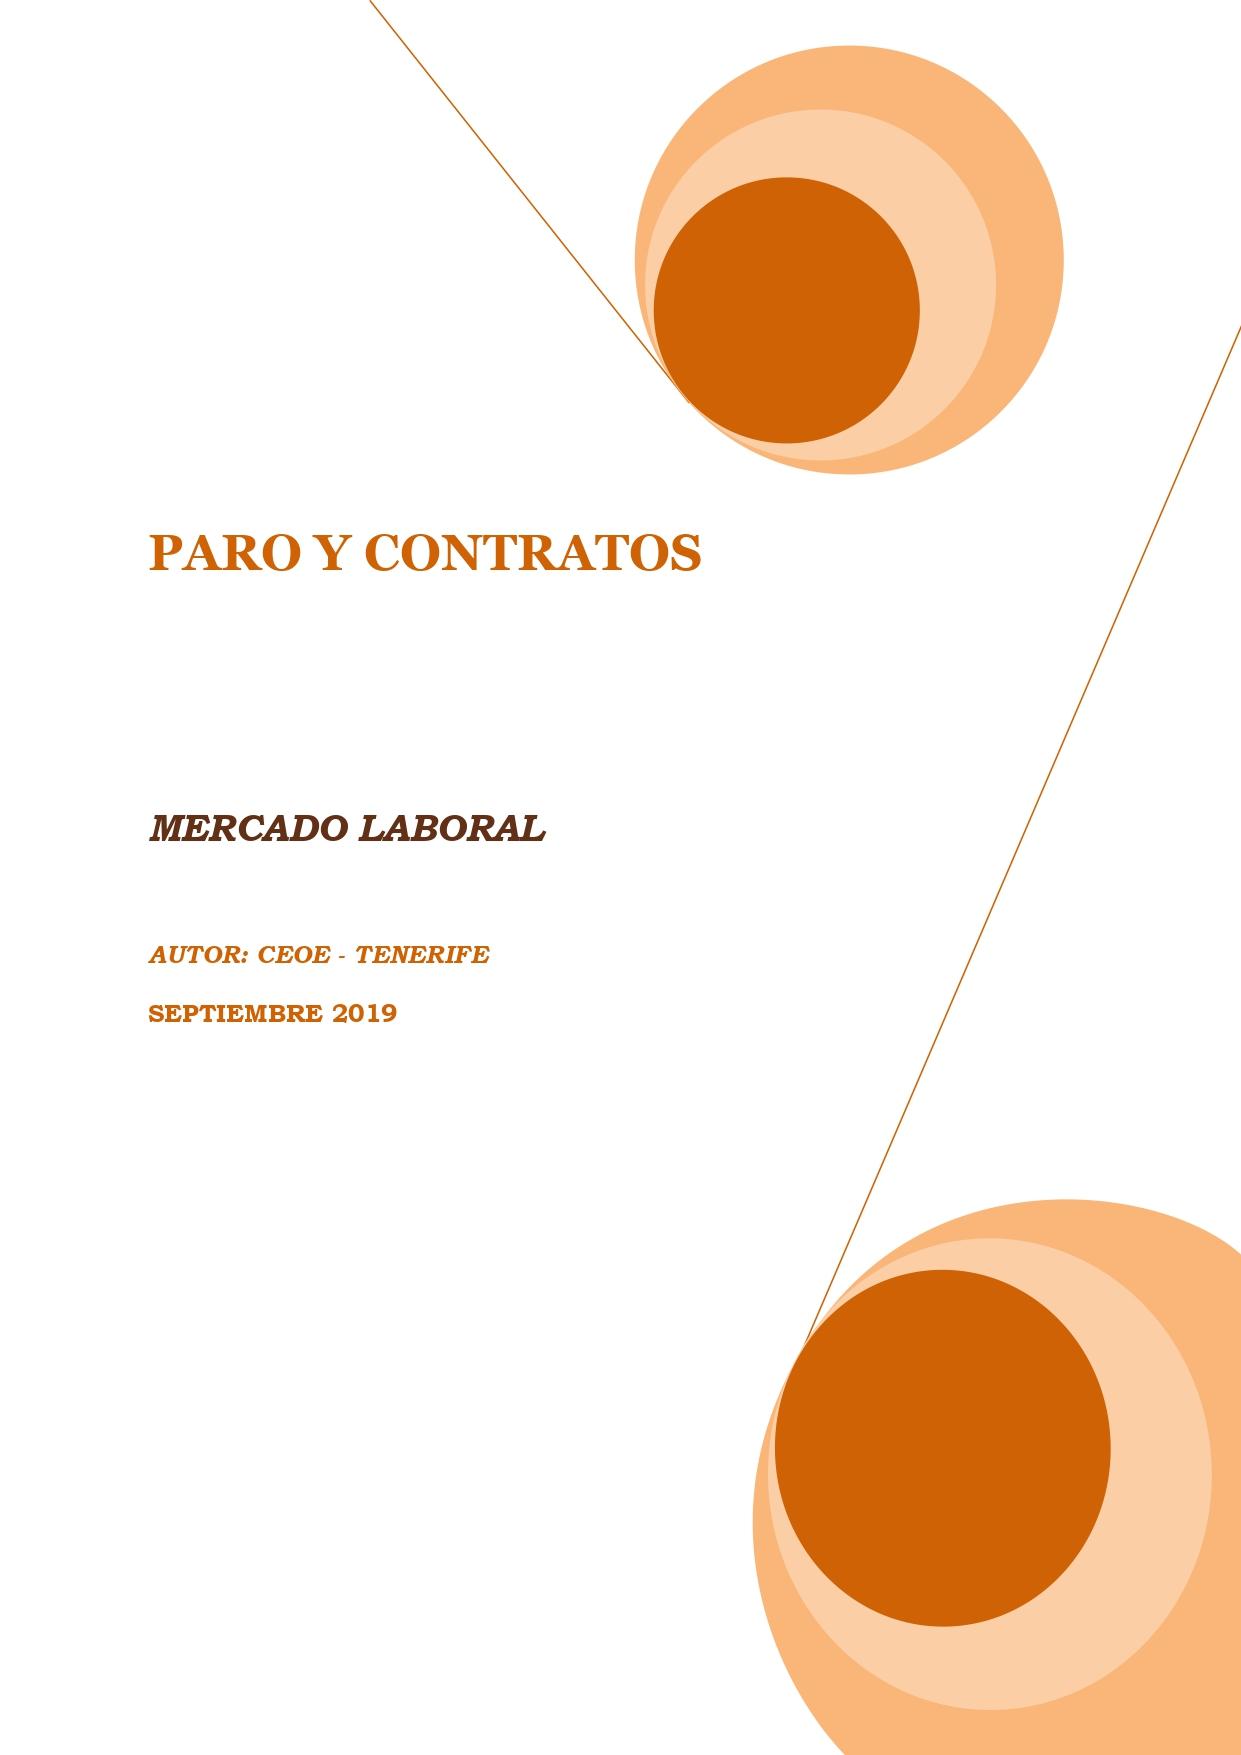 MERCADO LABORAL - PARO Y CONTRATOS SEPTIEMBRE 2019